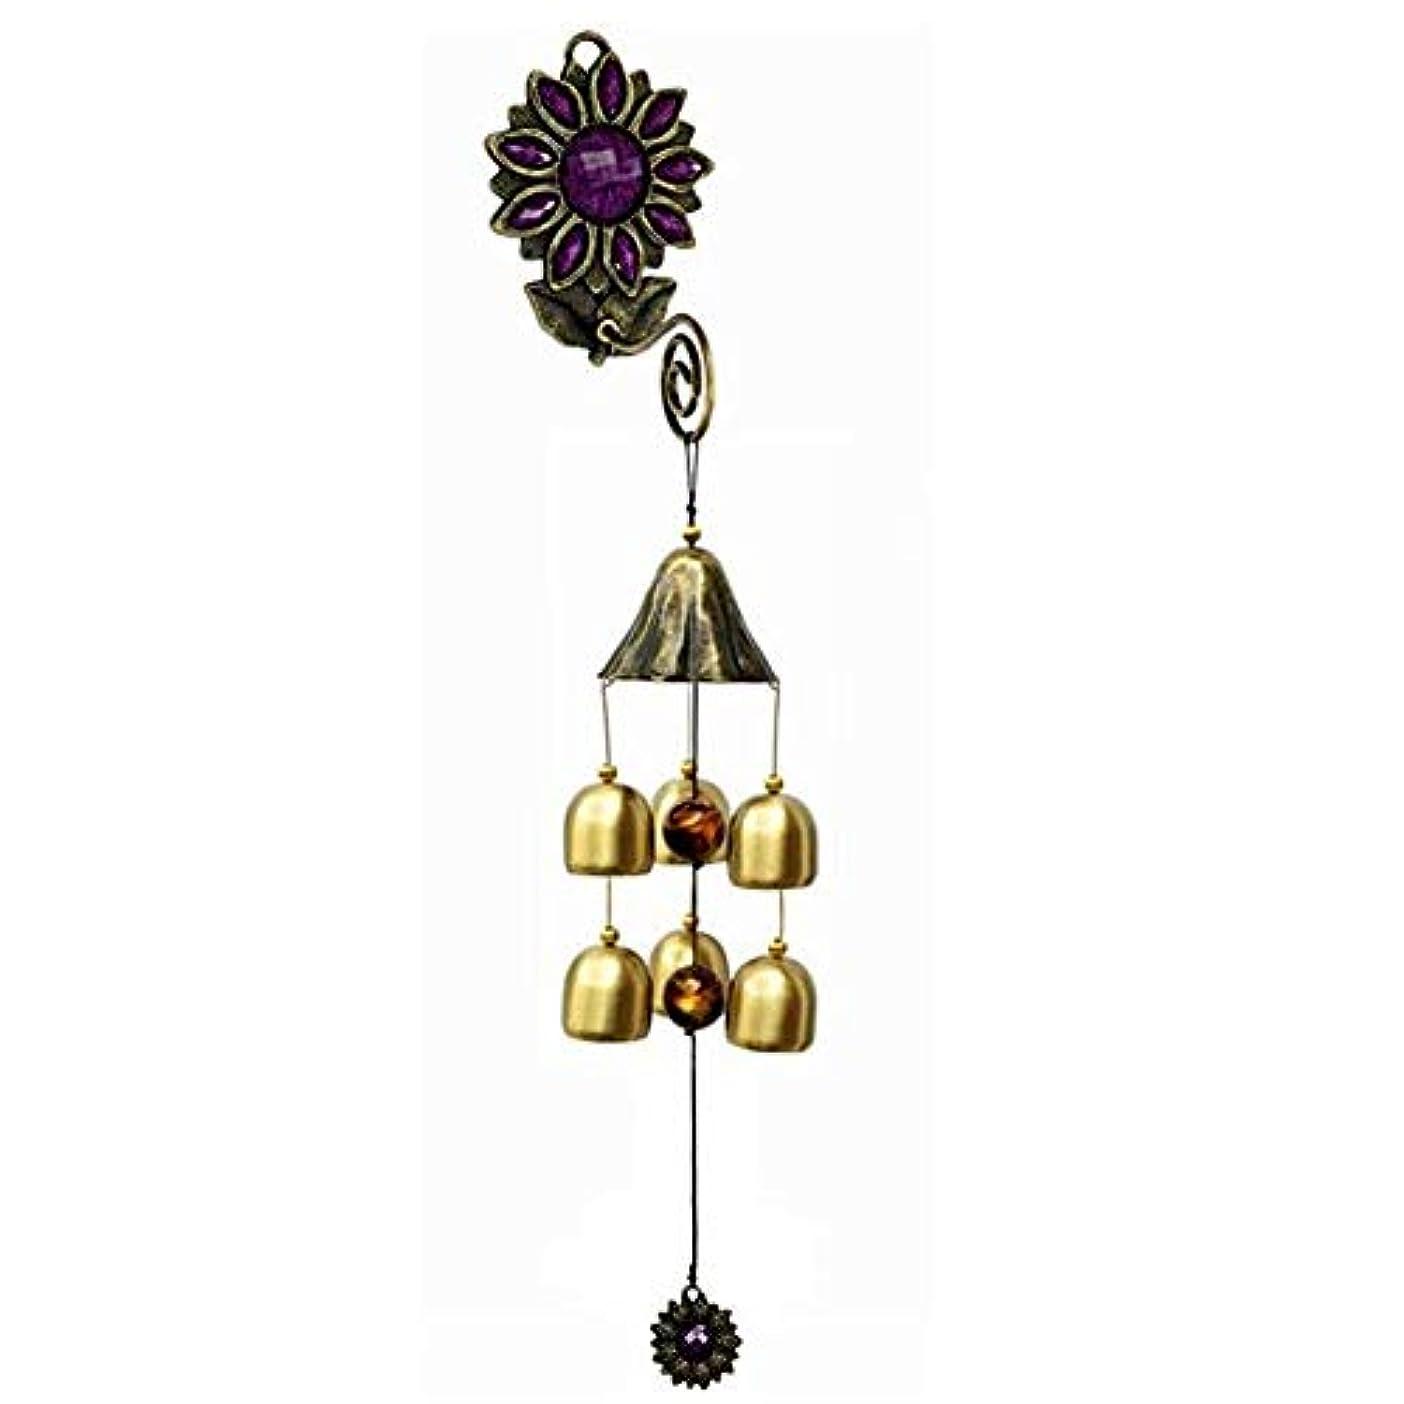 用量通知する抑圧Qiyuezhuangshi 風チャイム、ガーデンメタルクリエイティブひまわり風の鐘、グリーン、全長約35CM,美しいホリデーギフト (Color : Purple)